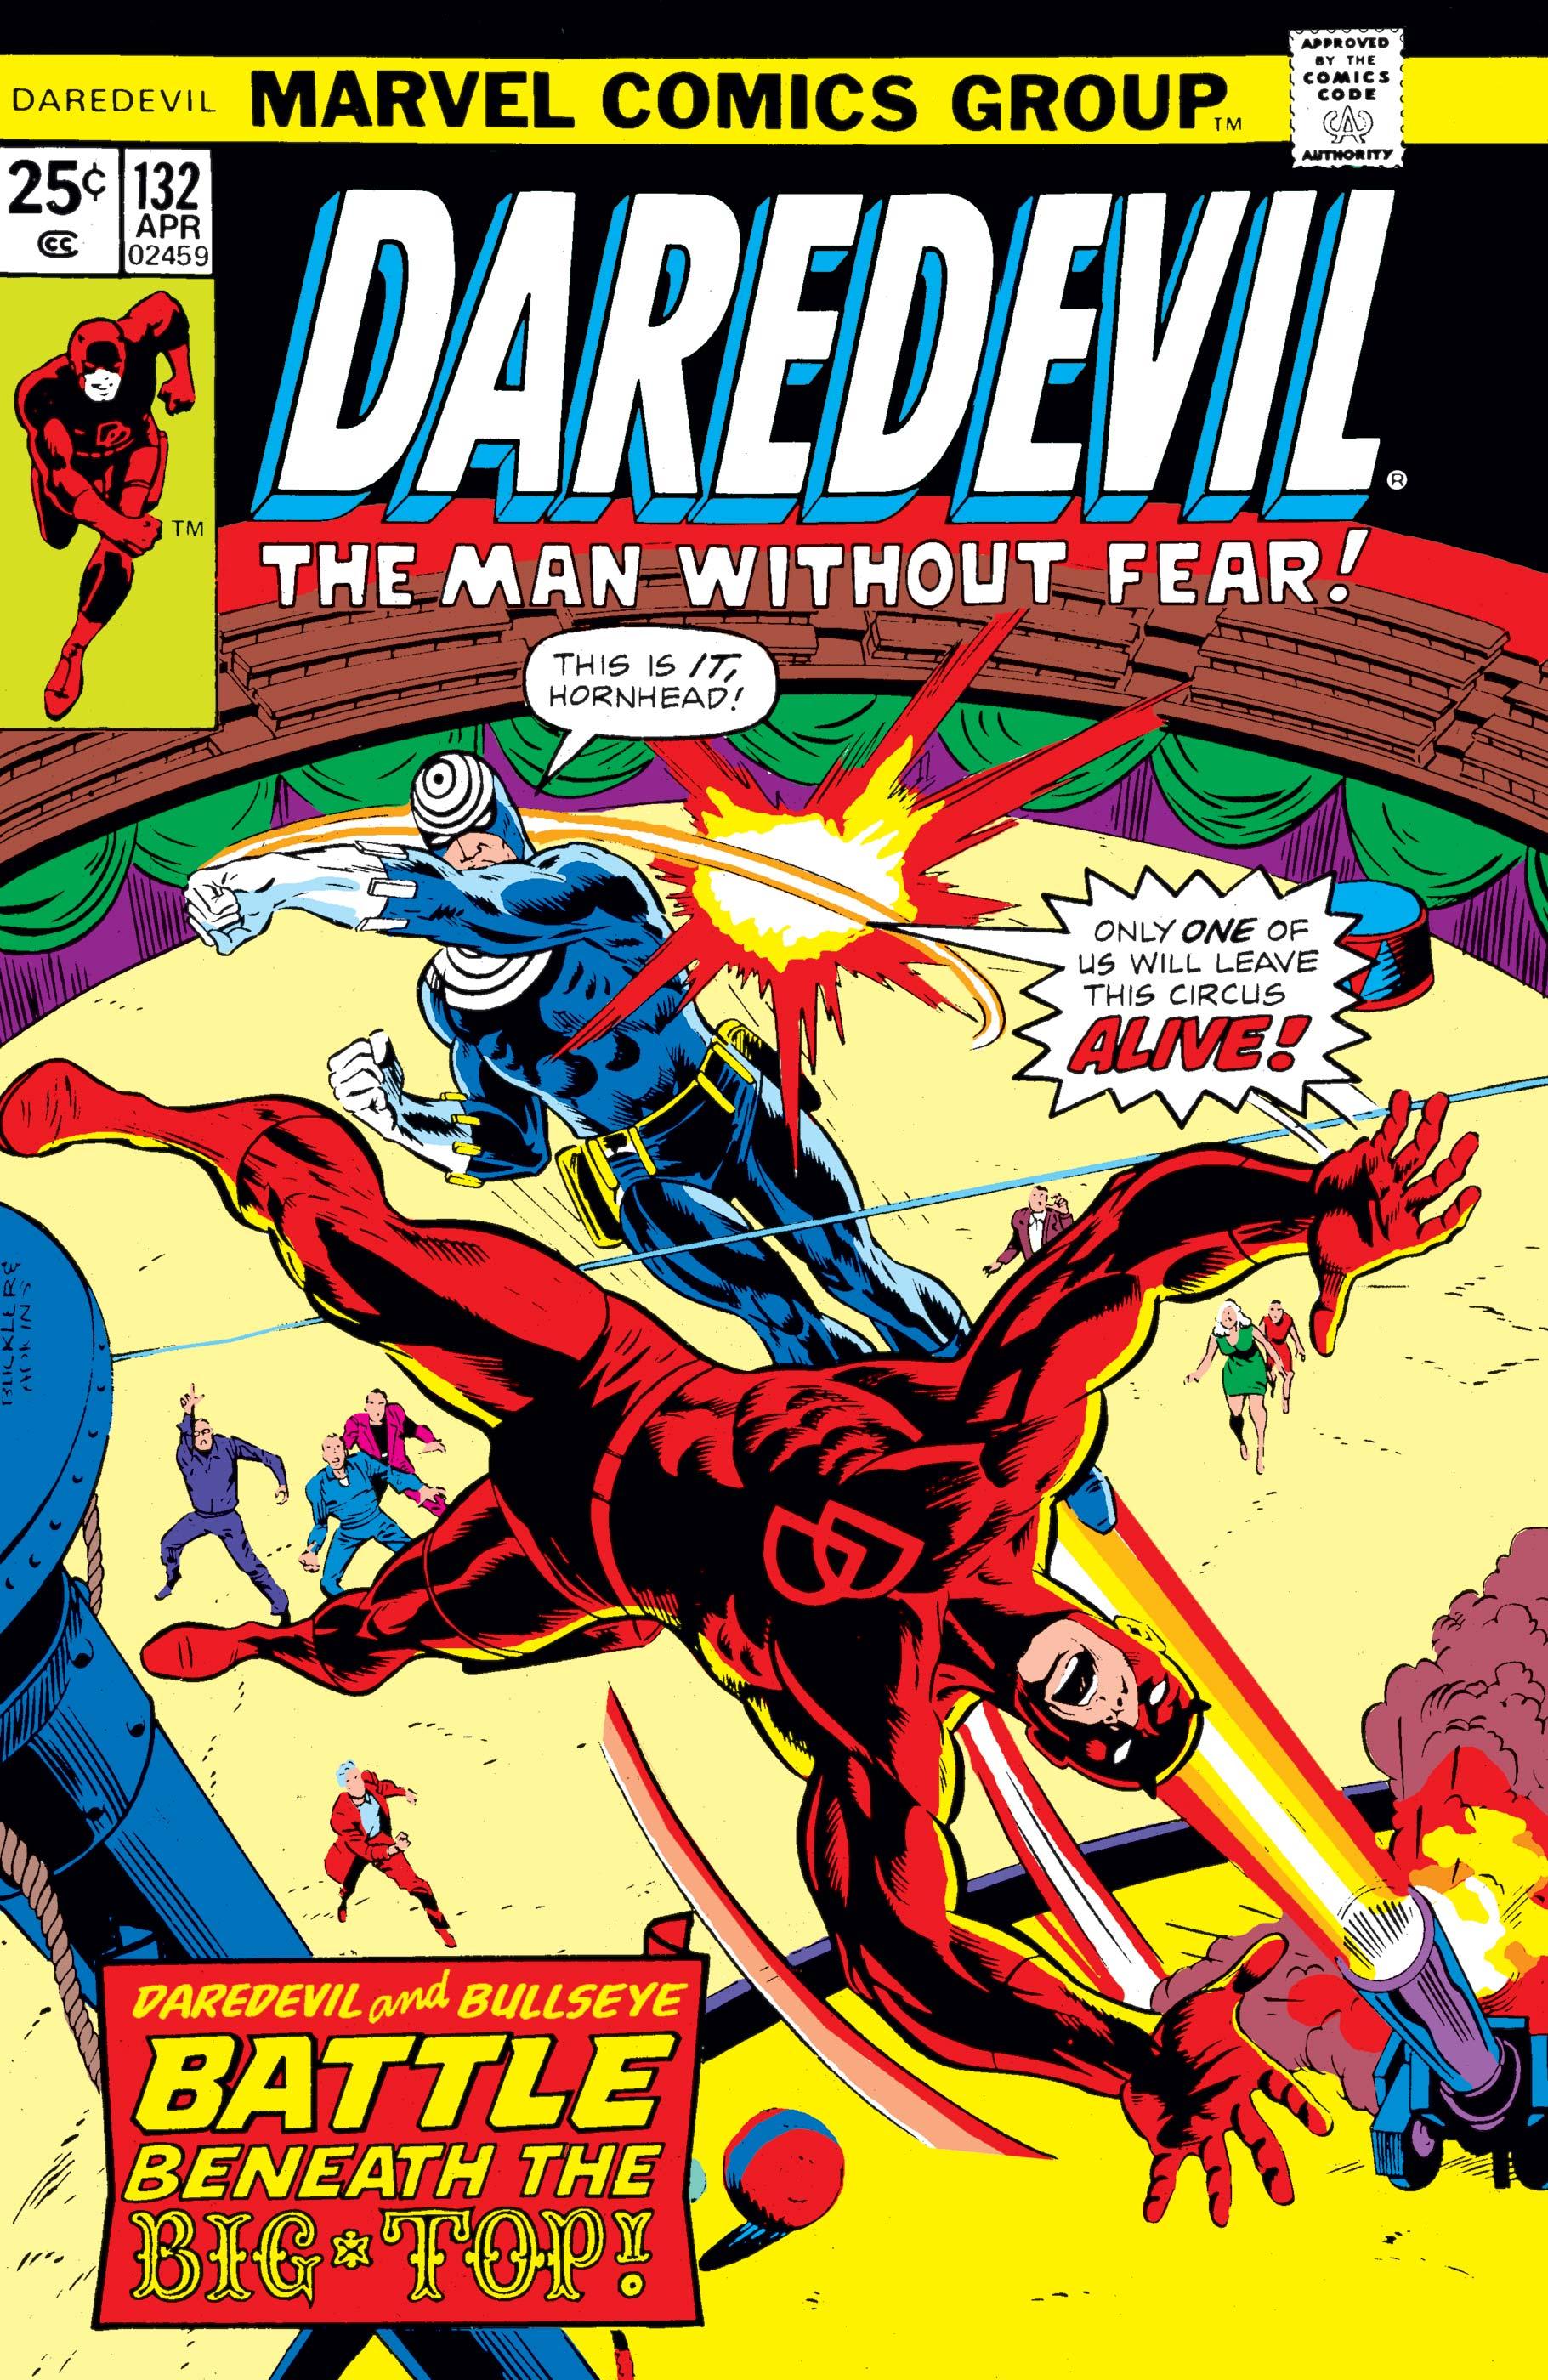 Daredevil (1964) #132